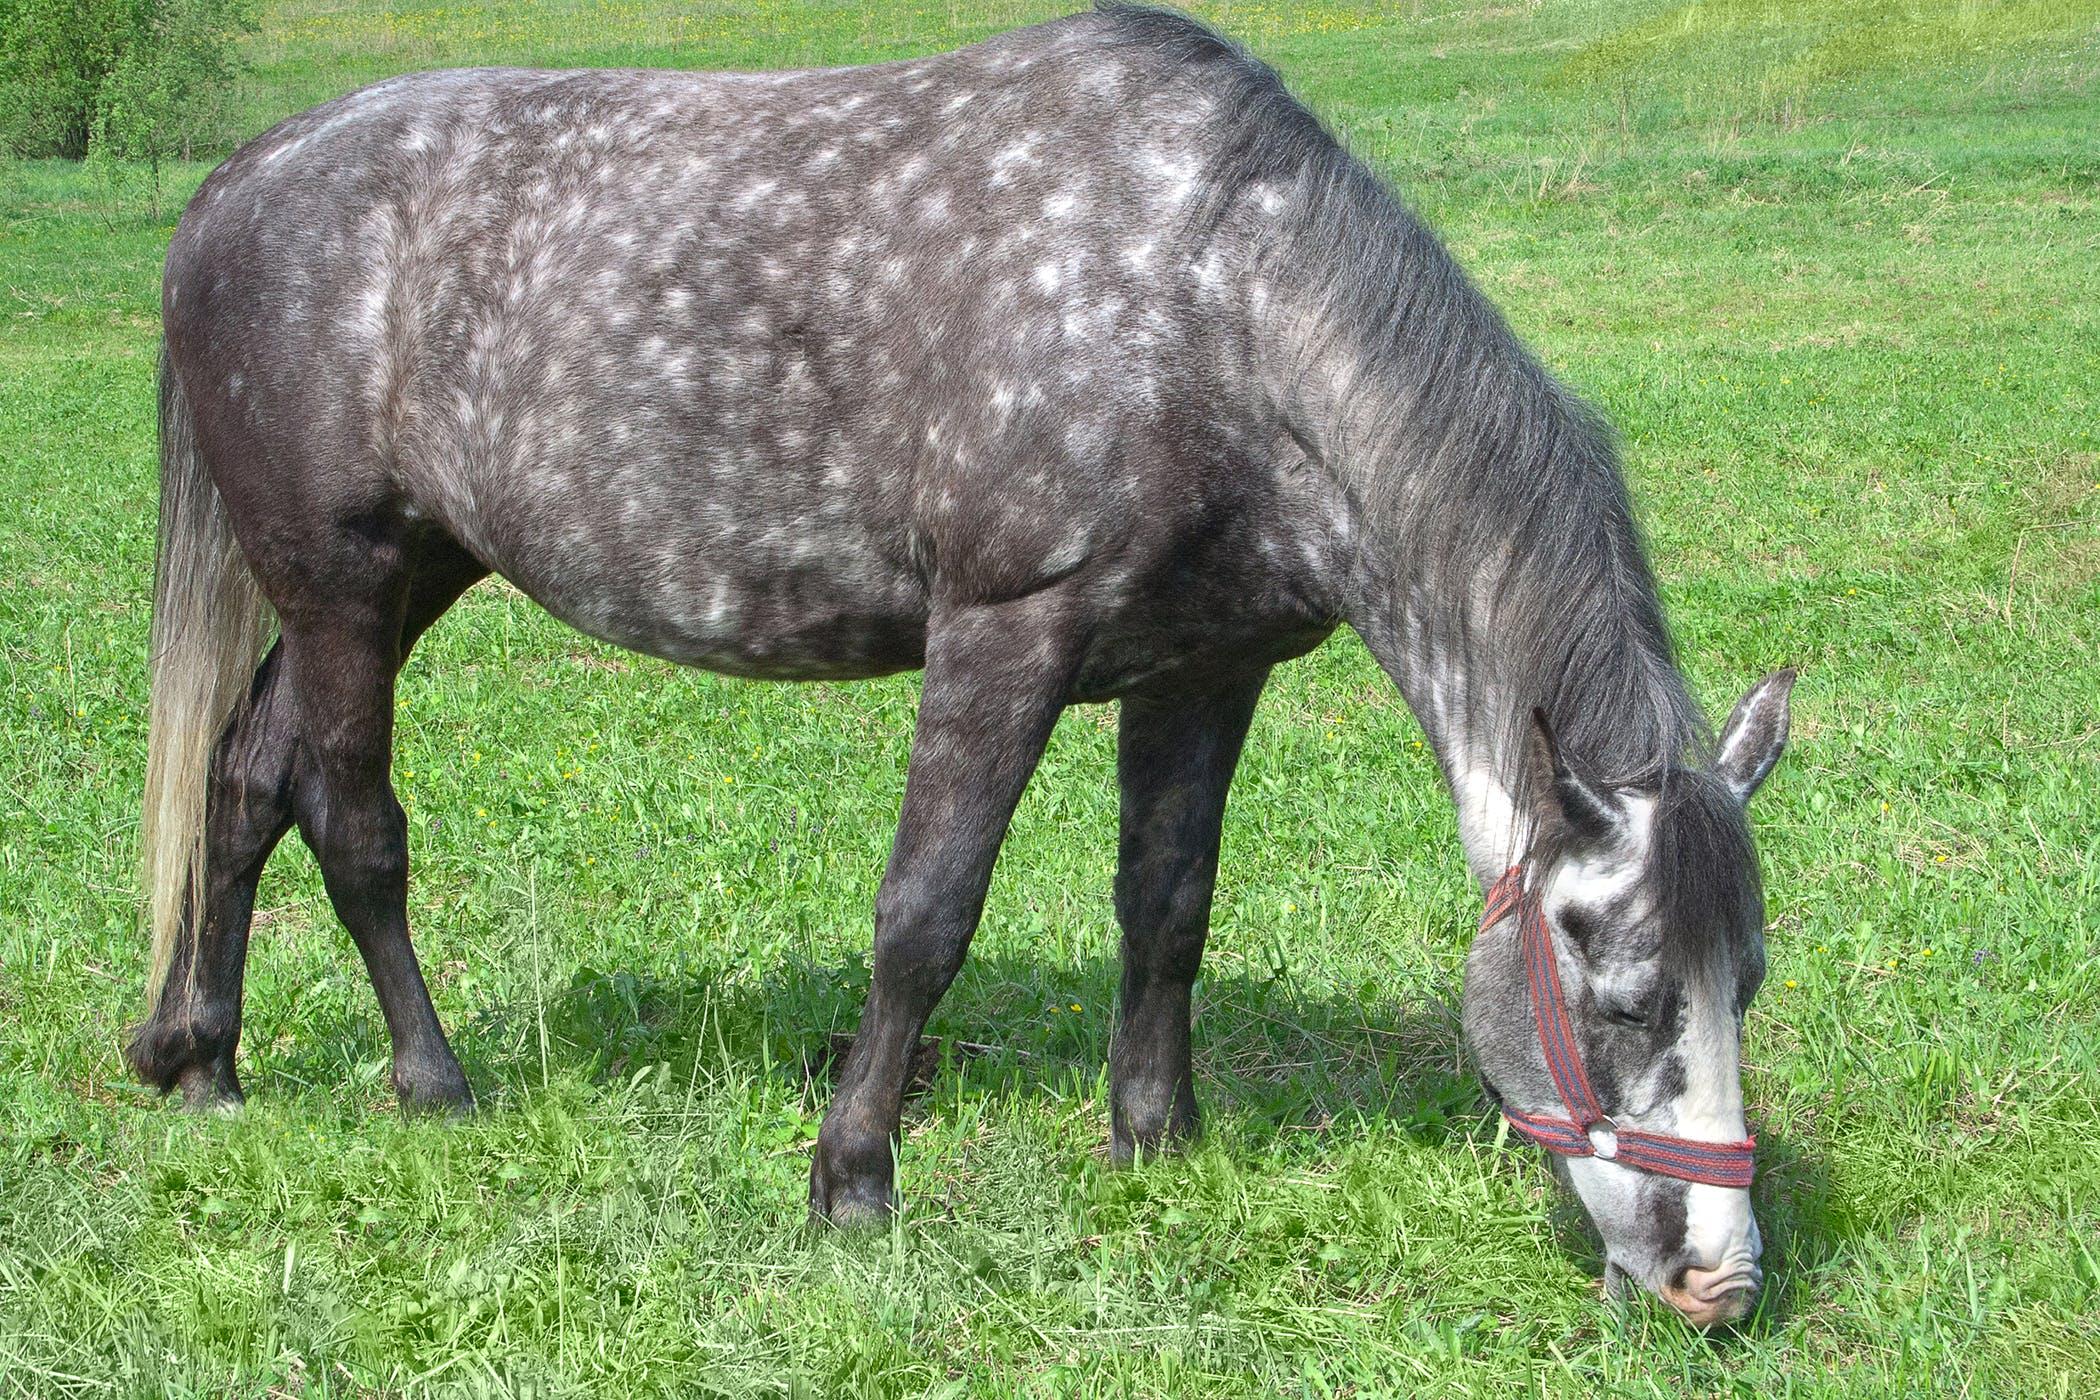 Mosquito Bites in Horses - Symptoms, Causes, Diagnosis